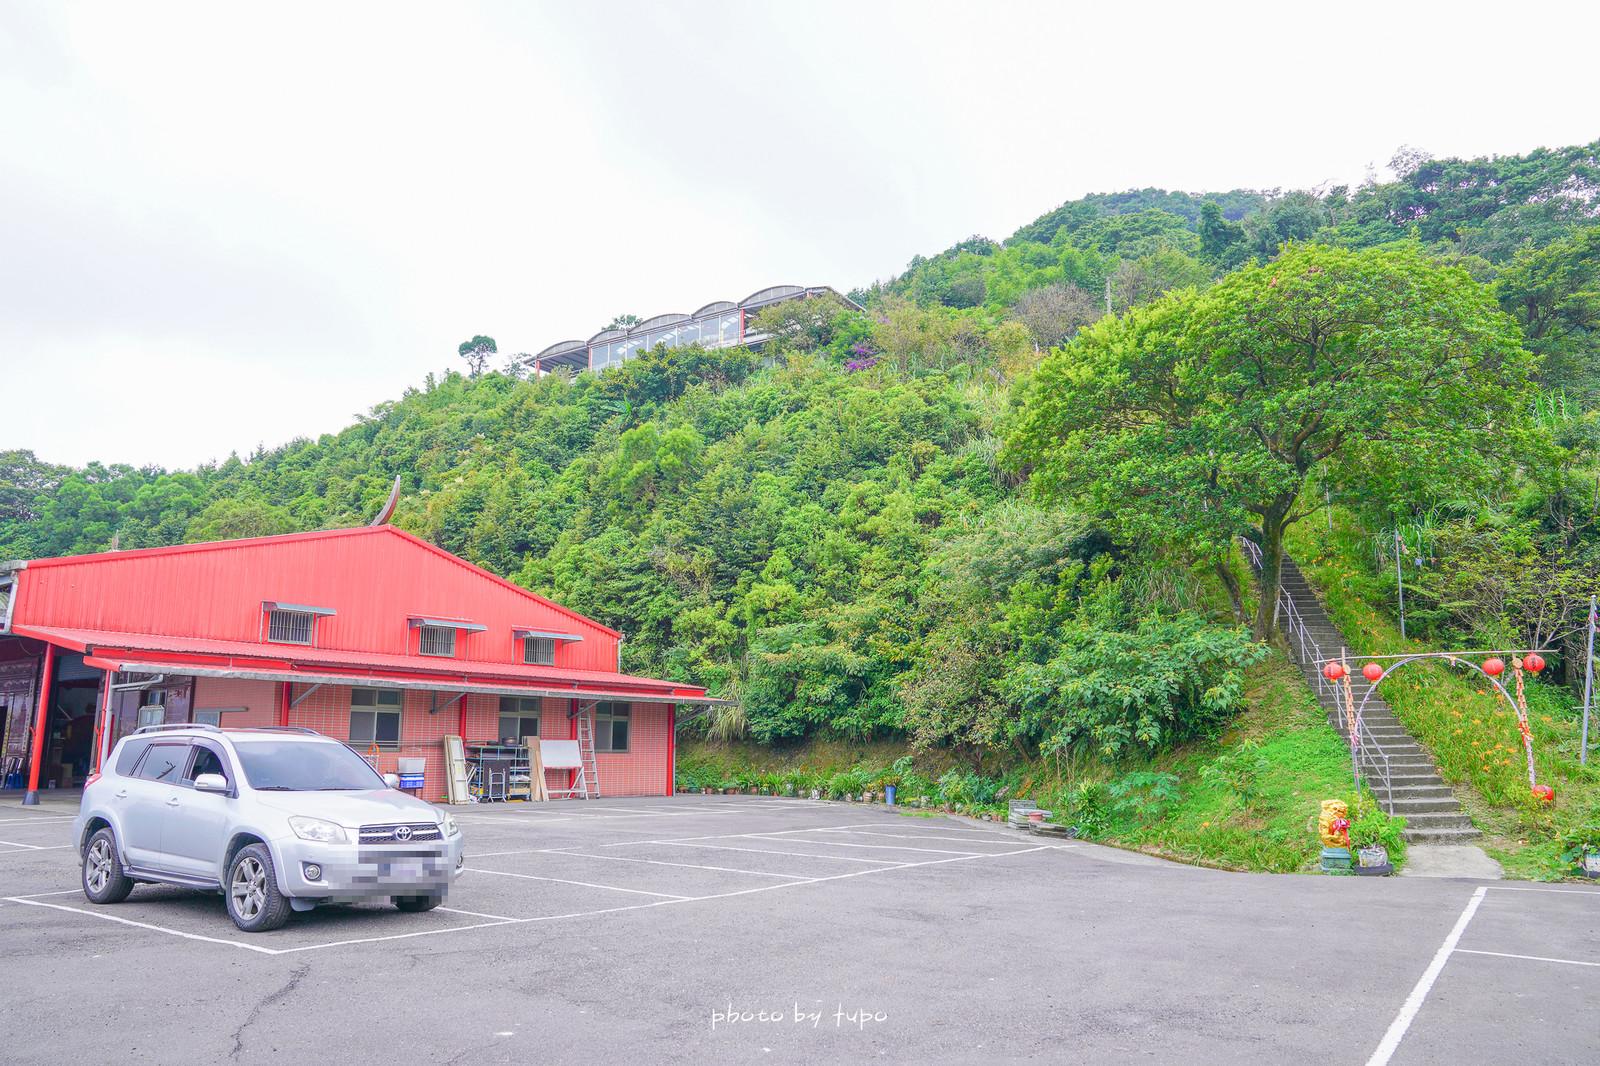 新北汐止免費金針花秘境》五東山慈聖宮~IG熱門打卡點,下車即抵達,兩排金針花秘境,遠眺美景的制高點景觀。